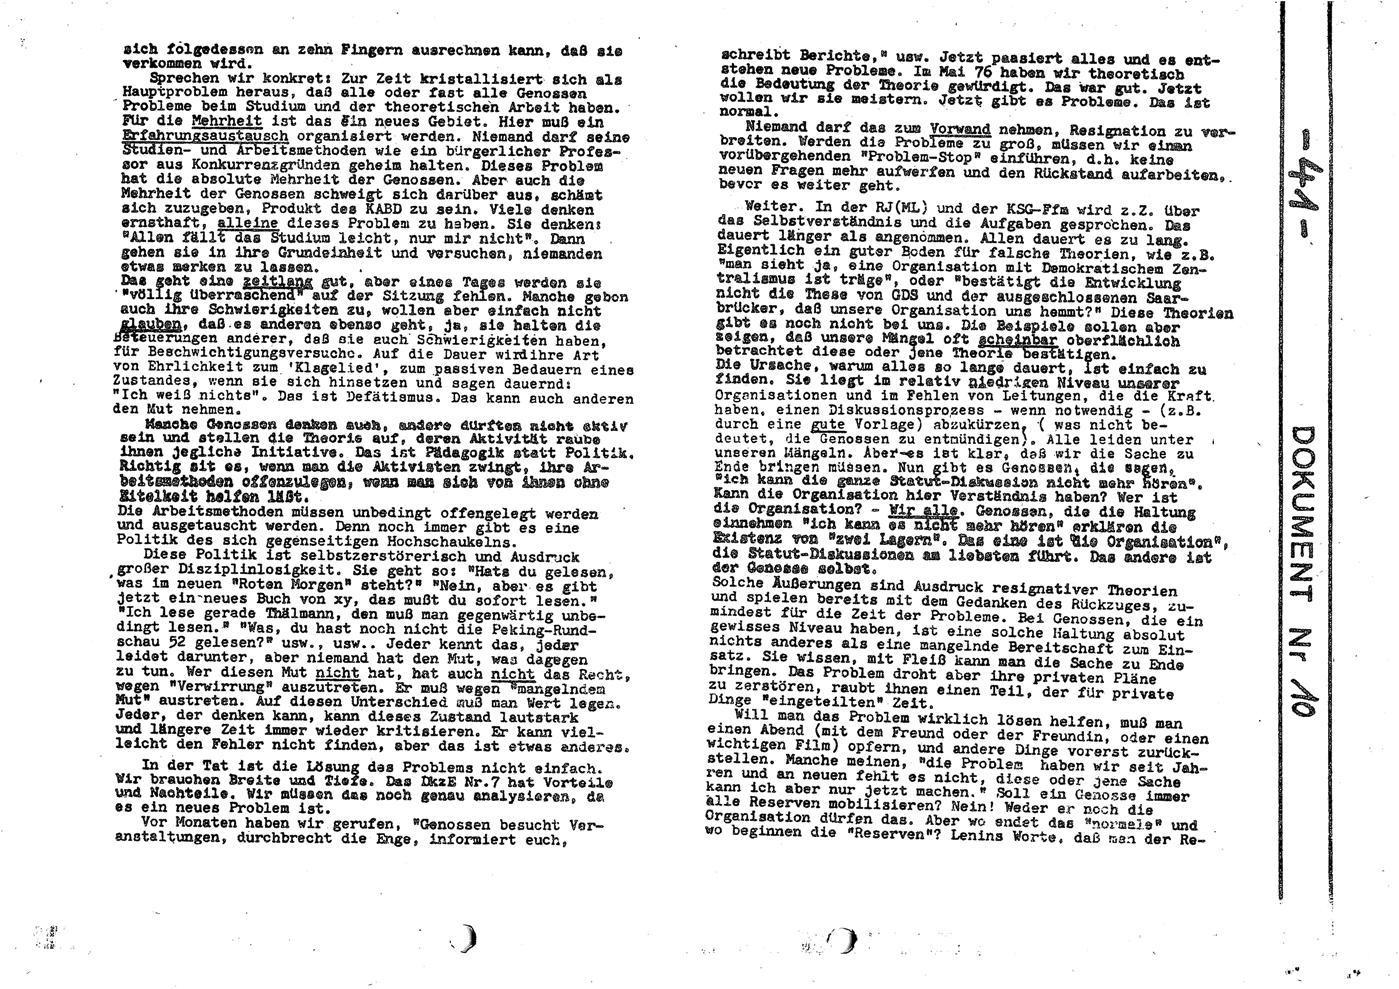 KABRW_Arbeitshefte_1977_24_041